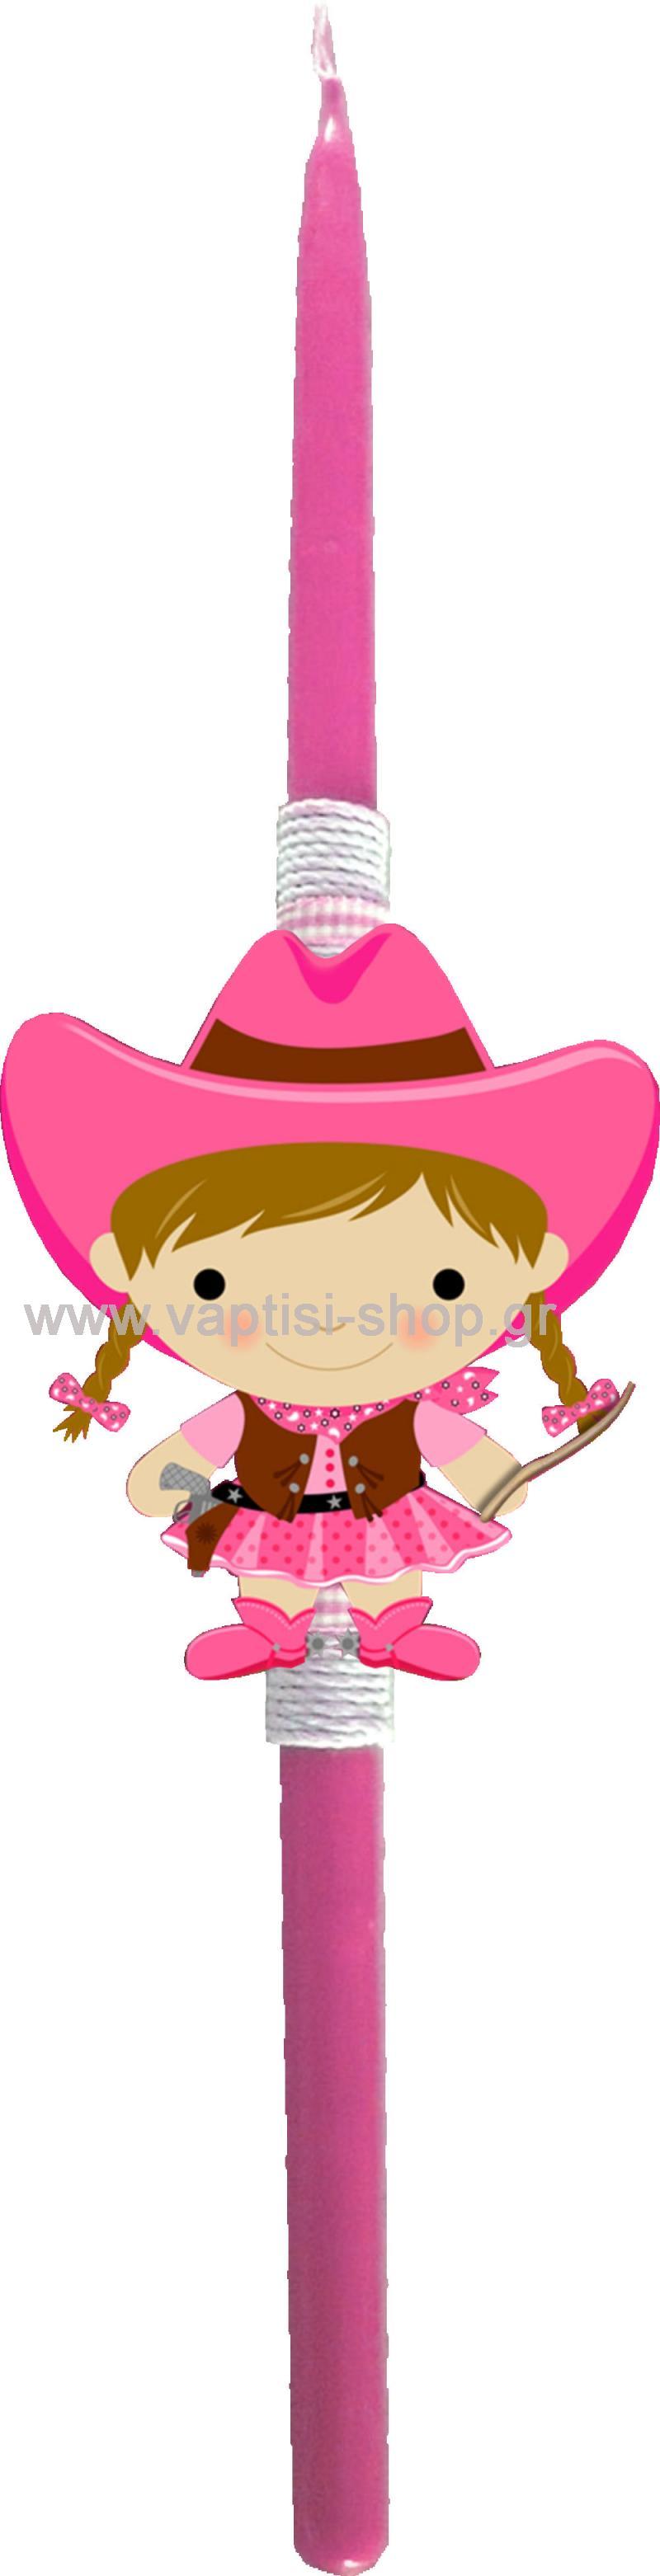 Πασχαλινή Λαμπάδα Cowgirl